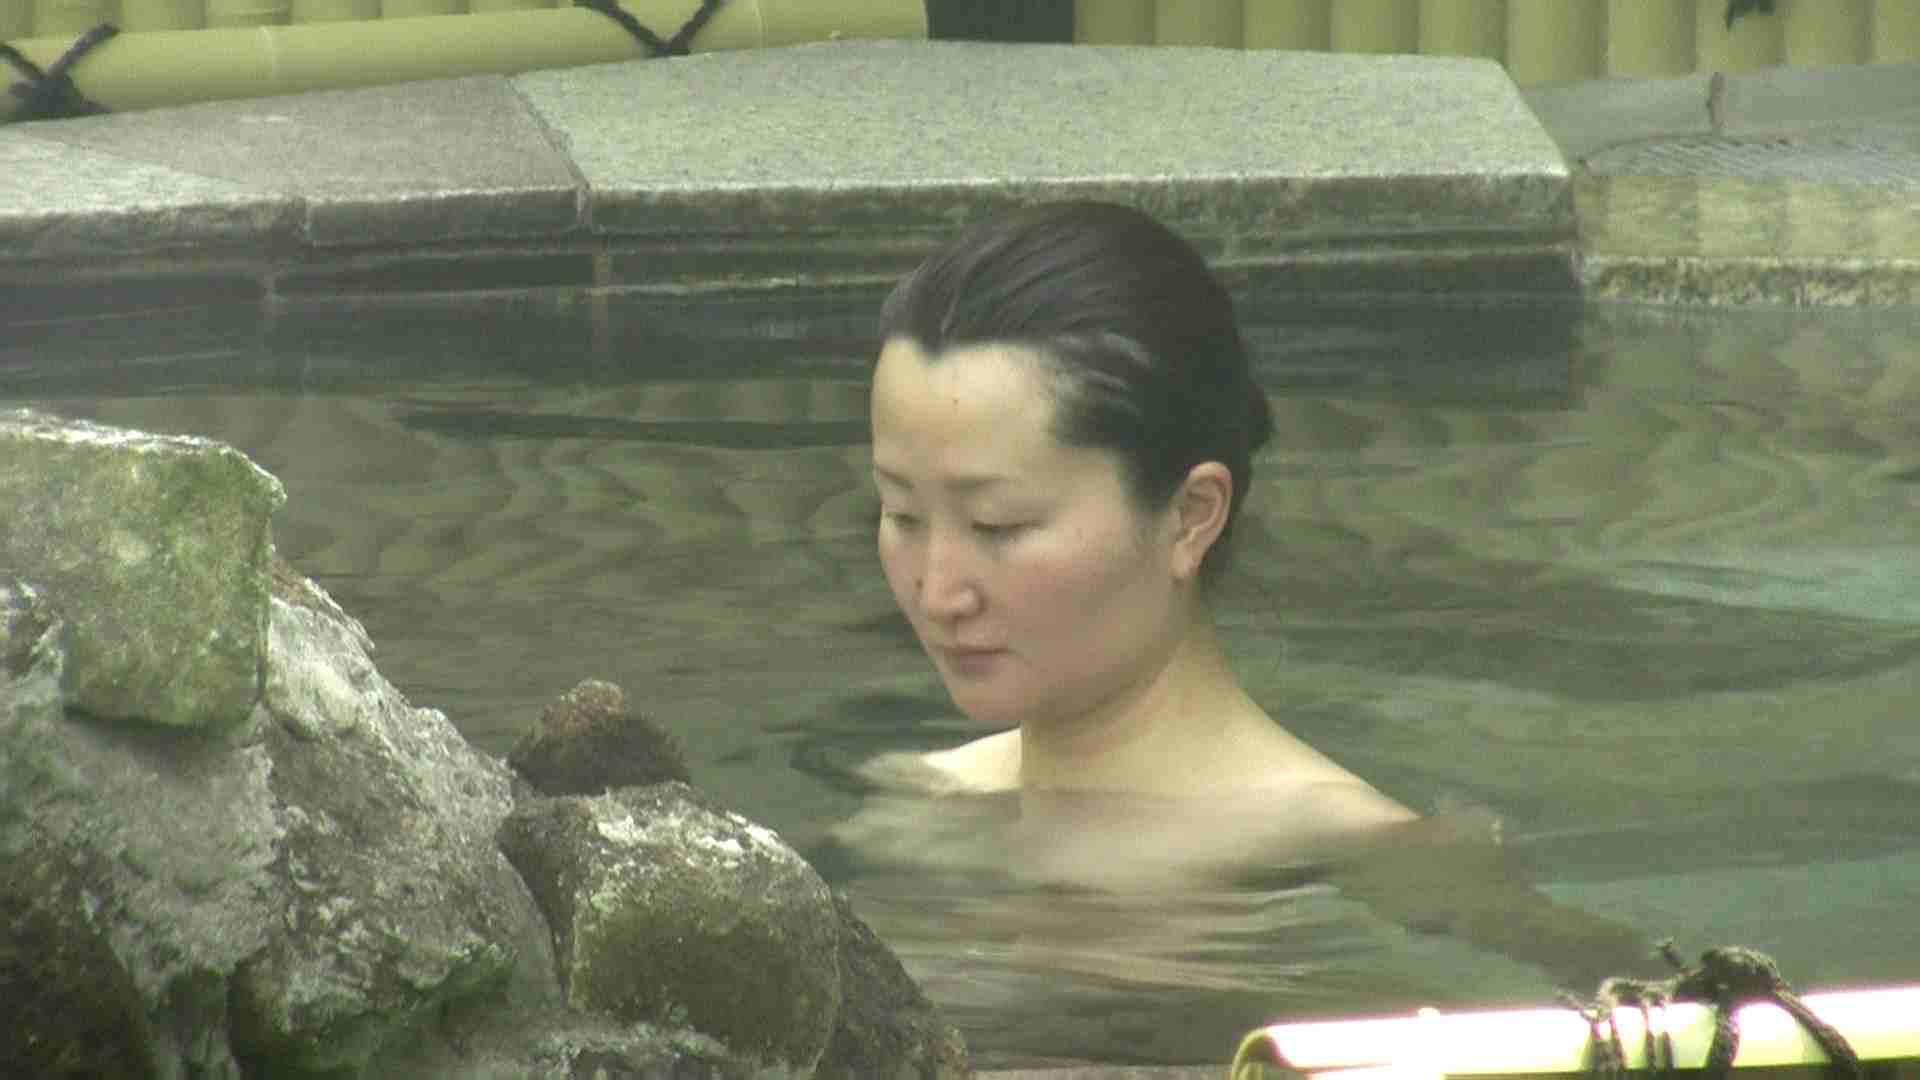 Aquaな露天風呂Vol.632 盗撮  41PICs 24